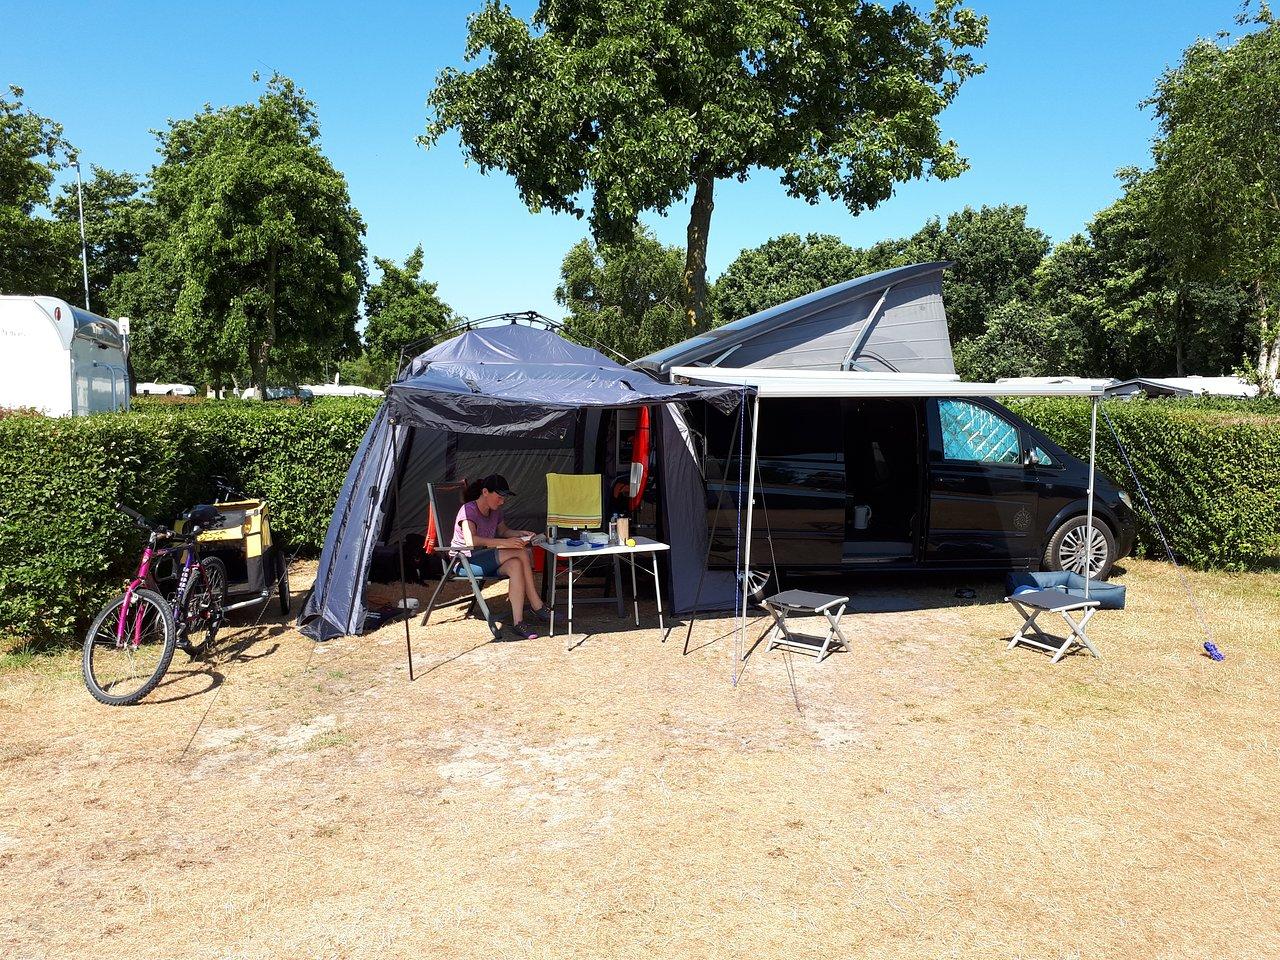 Roompot Vakanties Camping De Zandput Campground Reviews